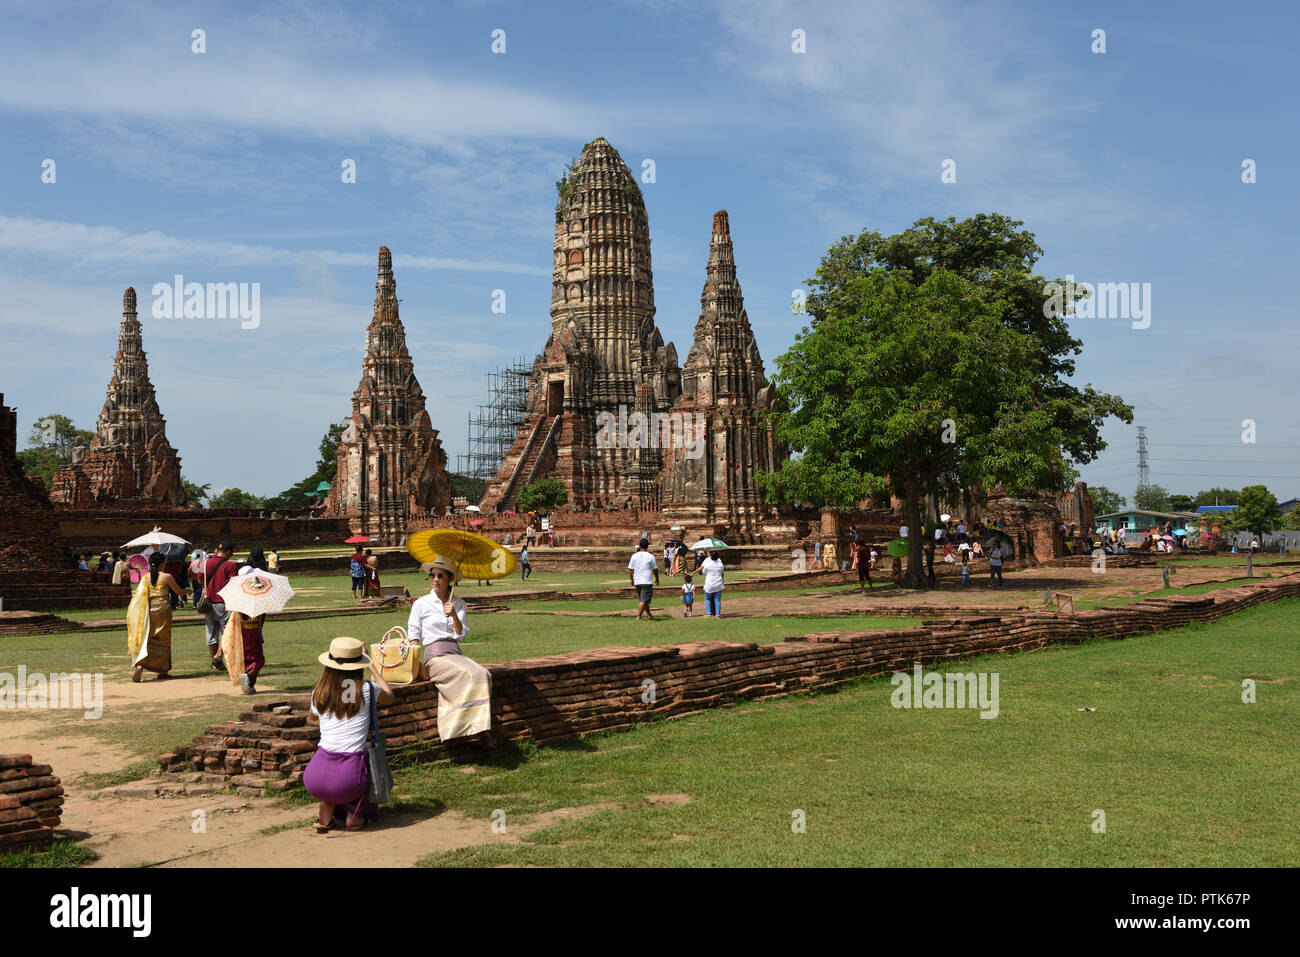 Wat Chaiwatthanaram, Ayutthaya, Thailand Stock Photo